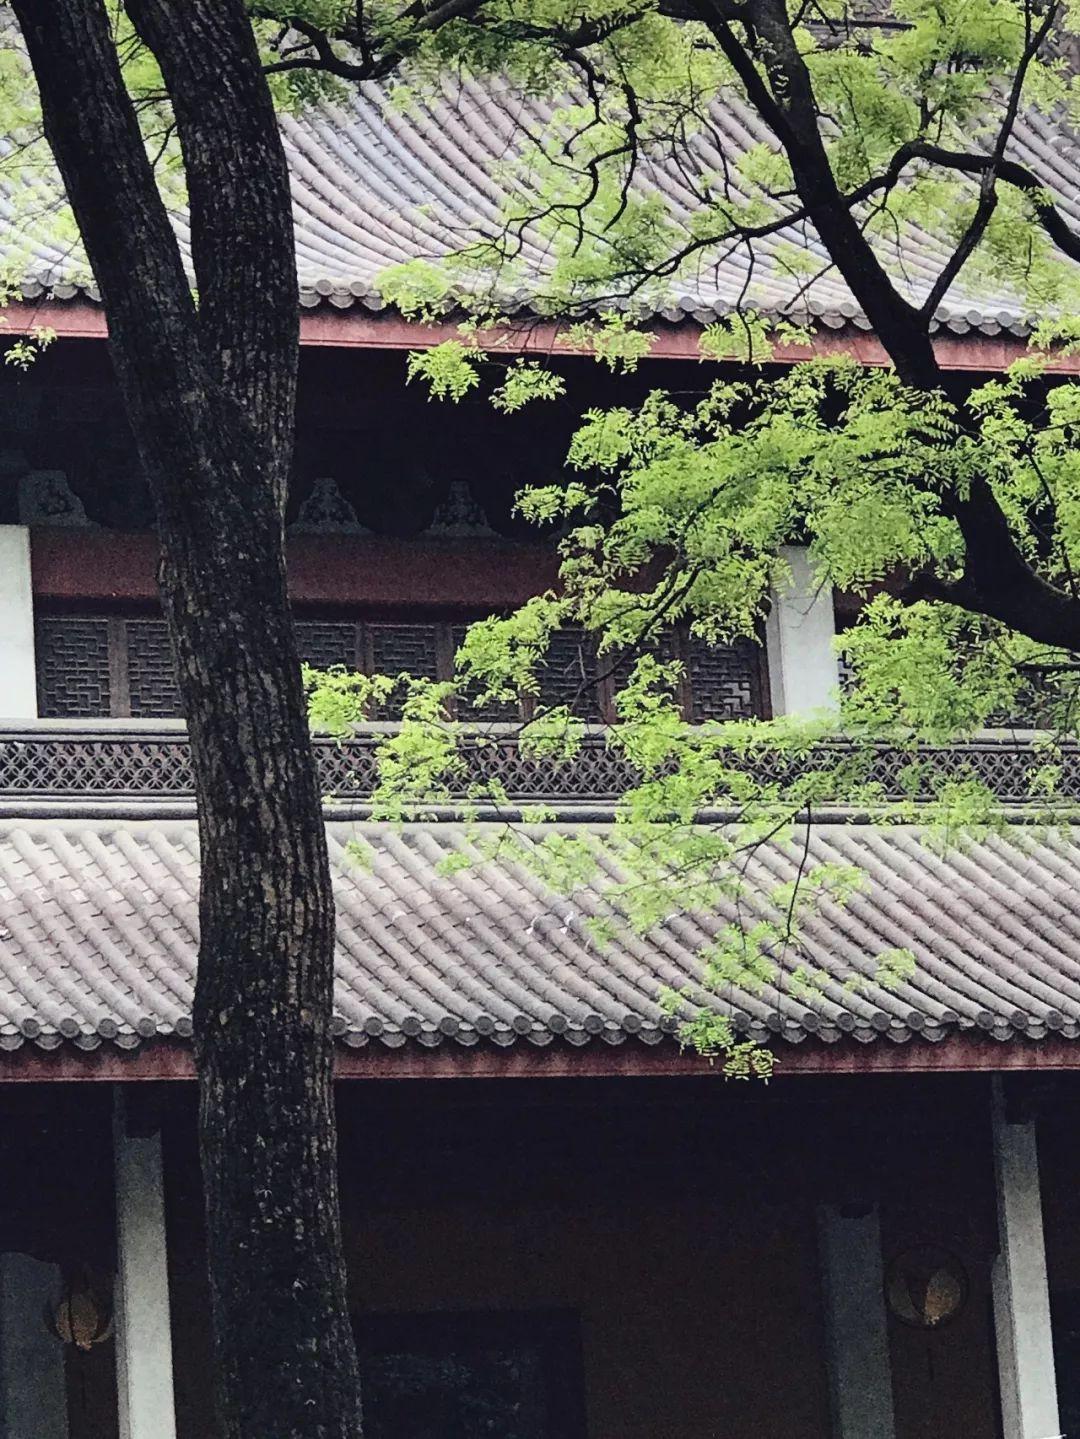 林语堂:玩的人,最有情趣情趣有没有无为酒店图片